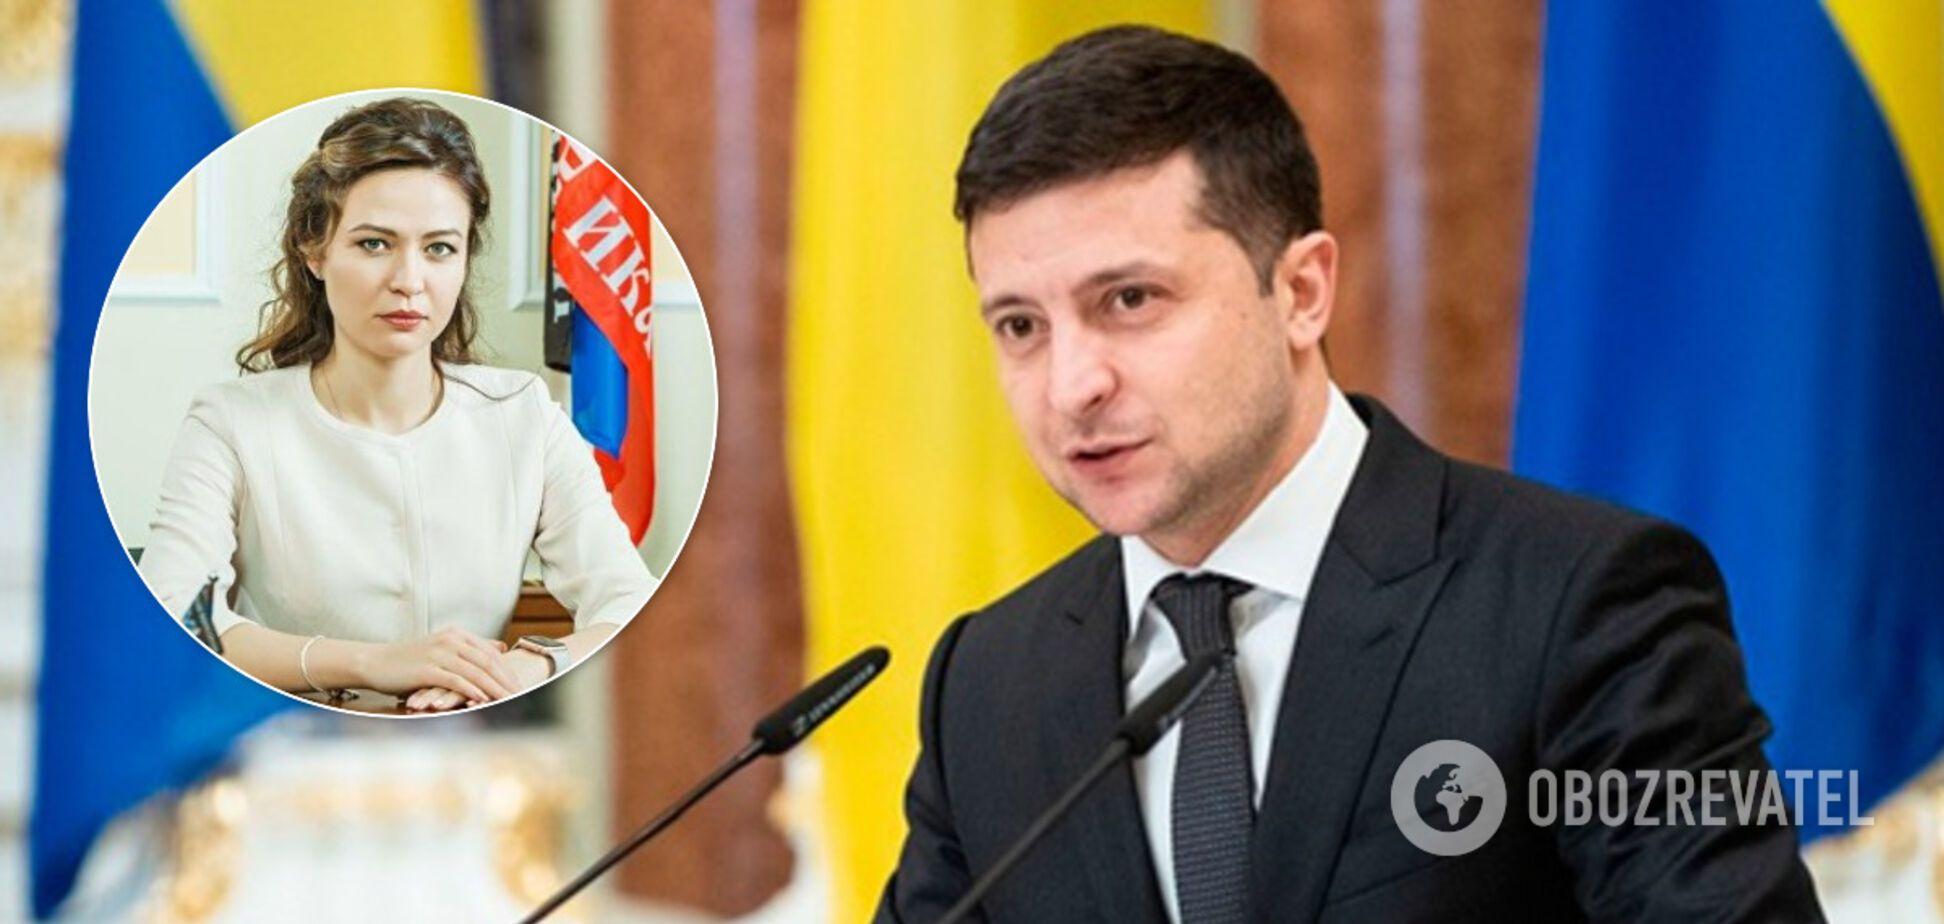 Никонорова ответила Зеленскому на ультиматум для Путина по Донбассу